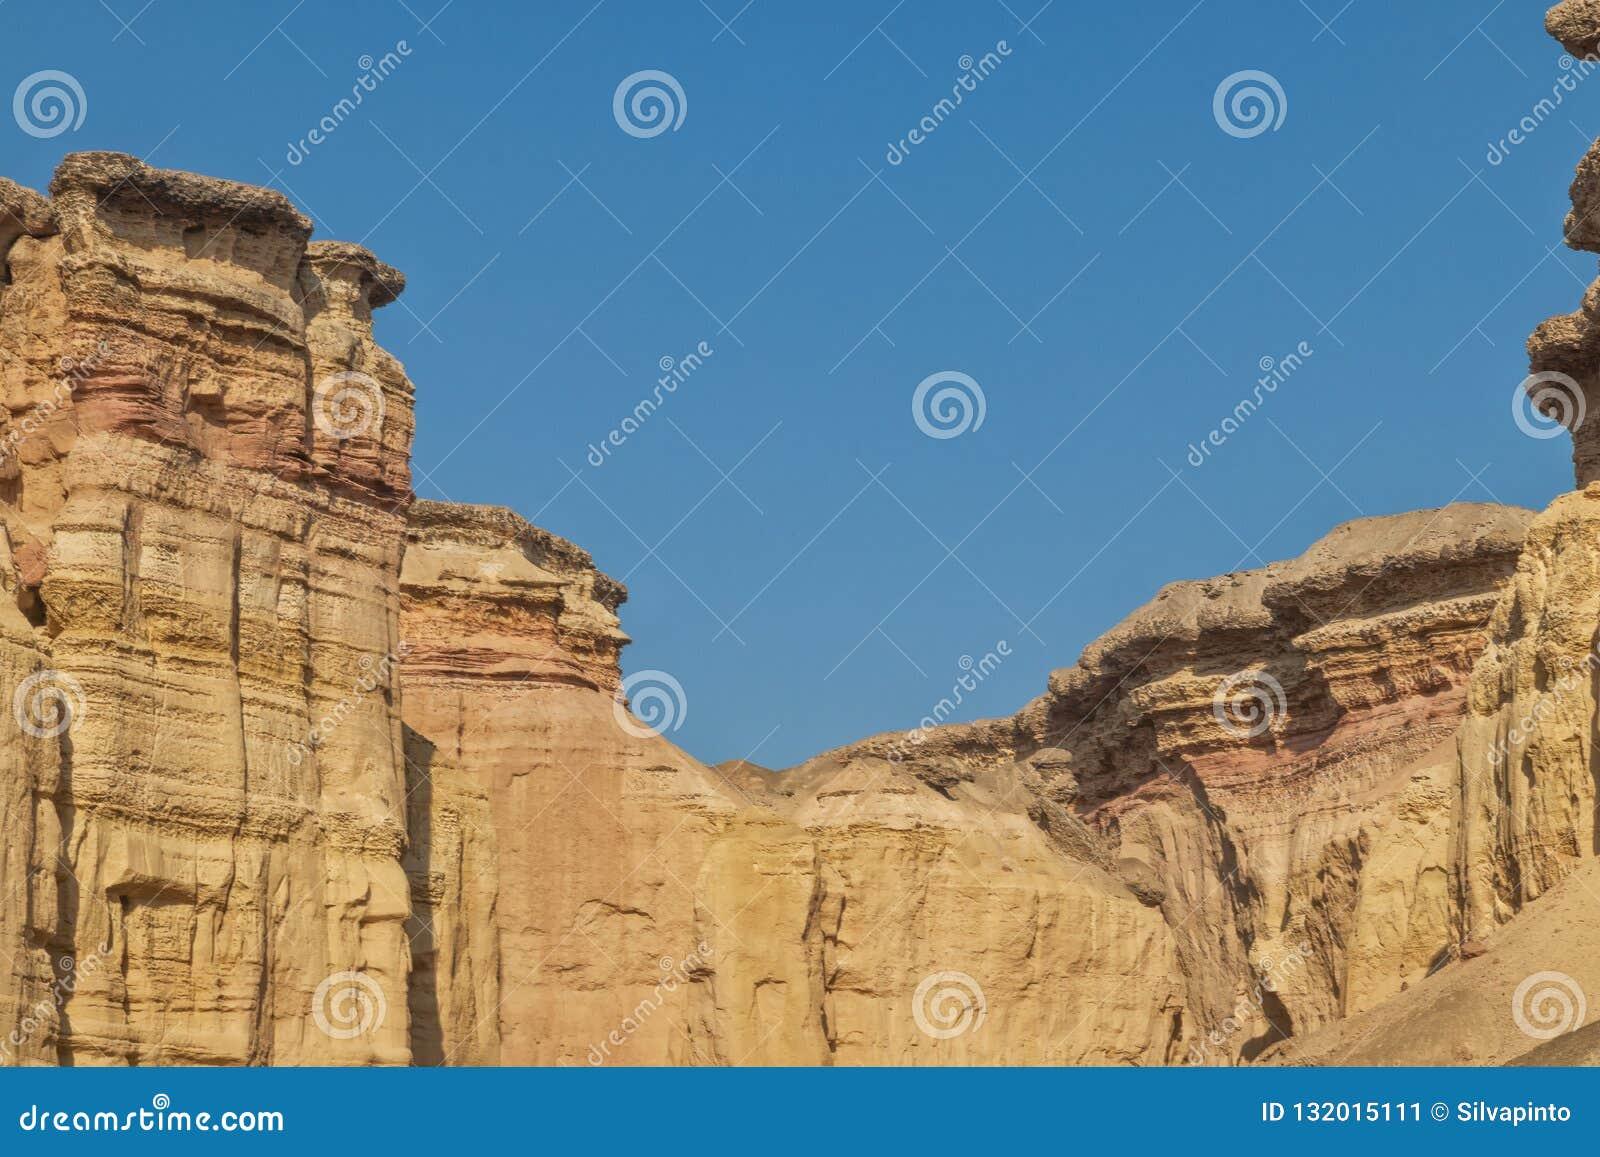 Каньоны в пустыне Namibe вышесказанного anisette С метками размывания